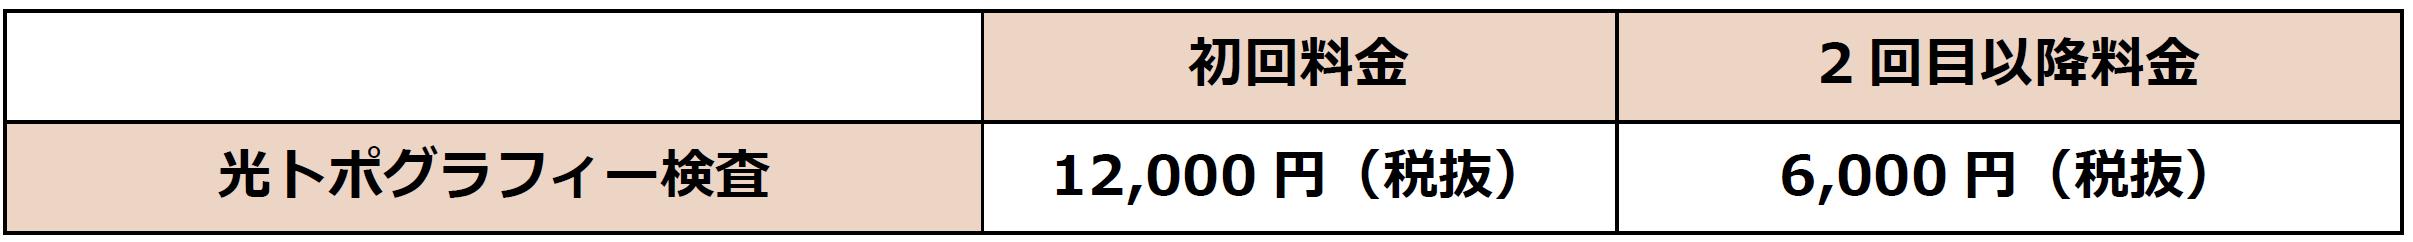 光トポグラフィー検査 料金